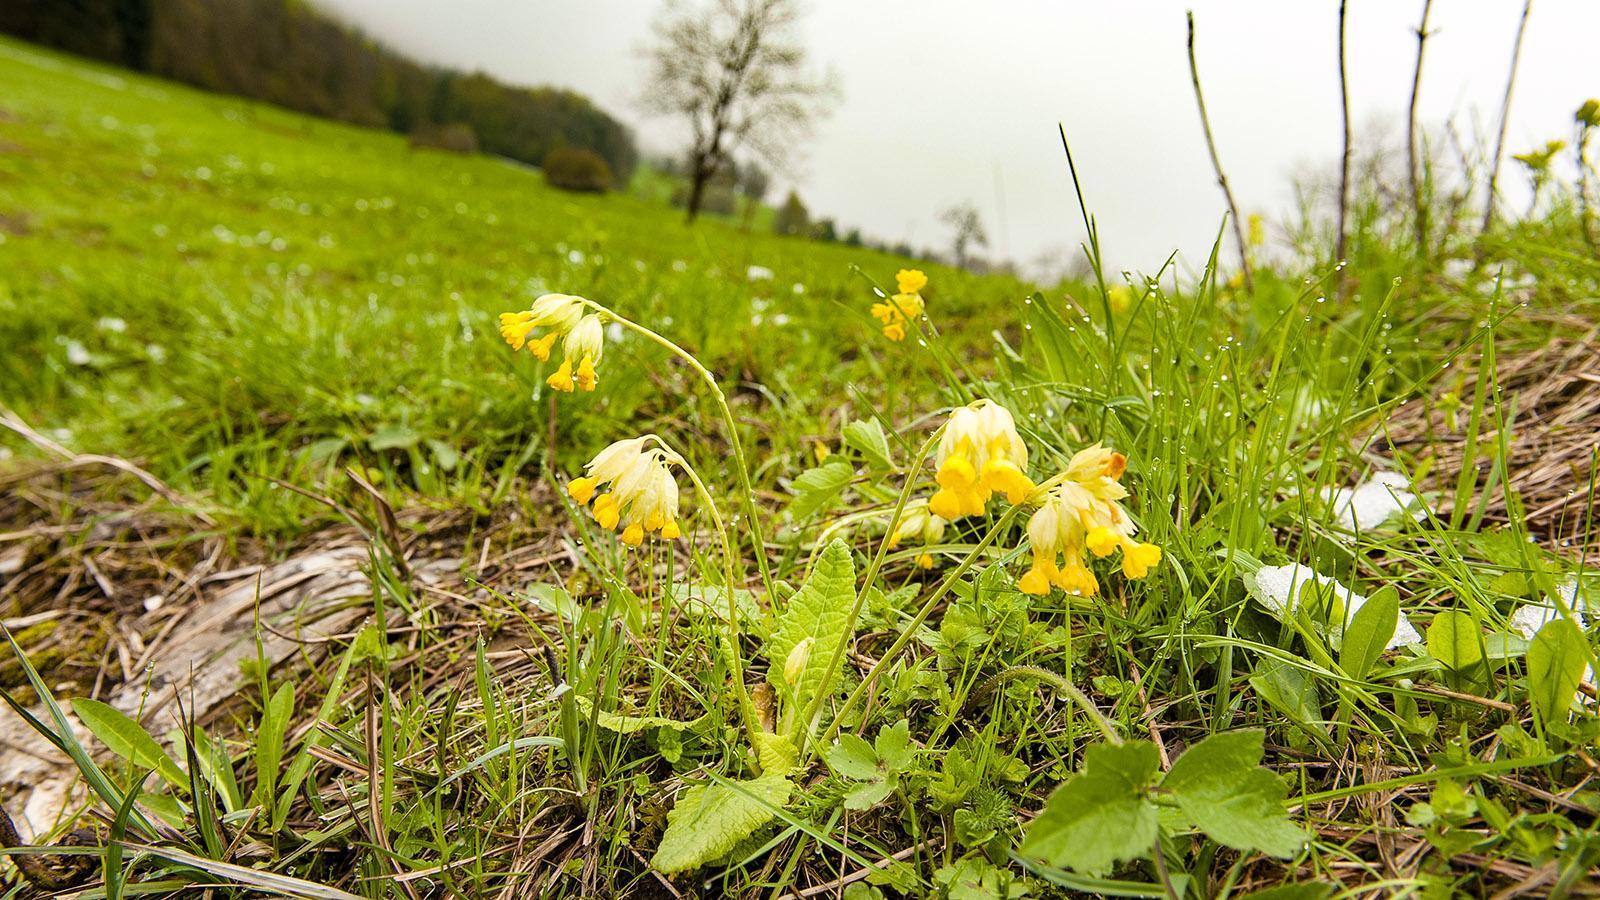 Ende April blühen im regionalen Naturpark Chartreuse allerorten die Schlüsselblumen. Foto: Hilke Maunder